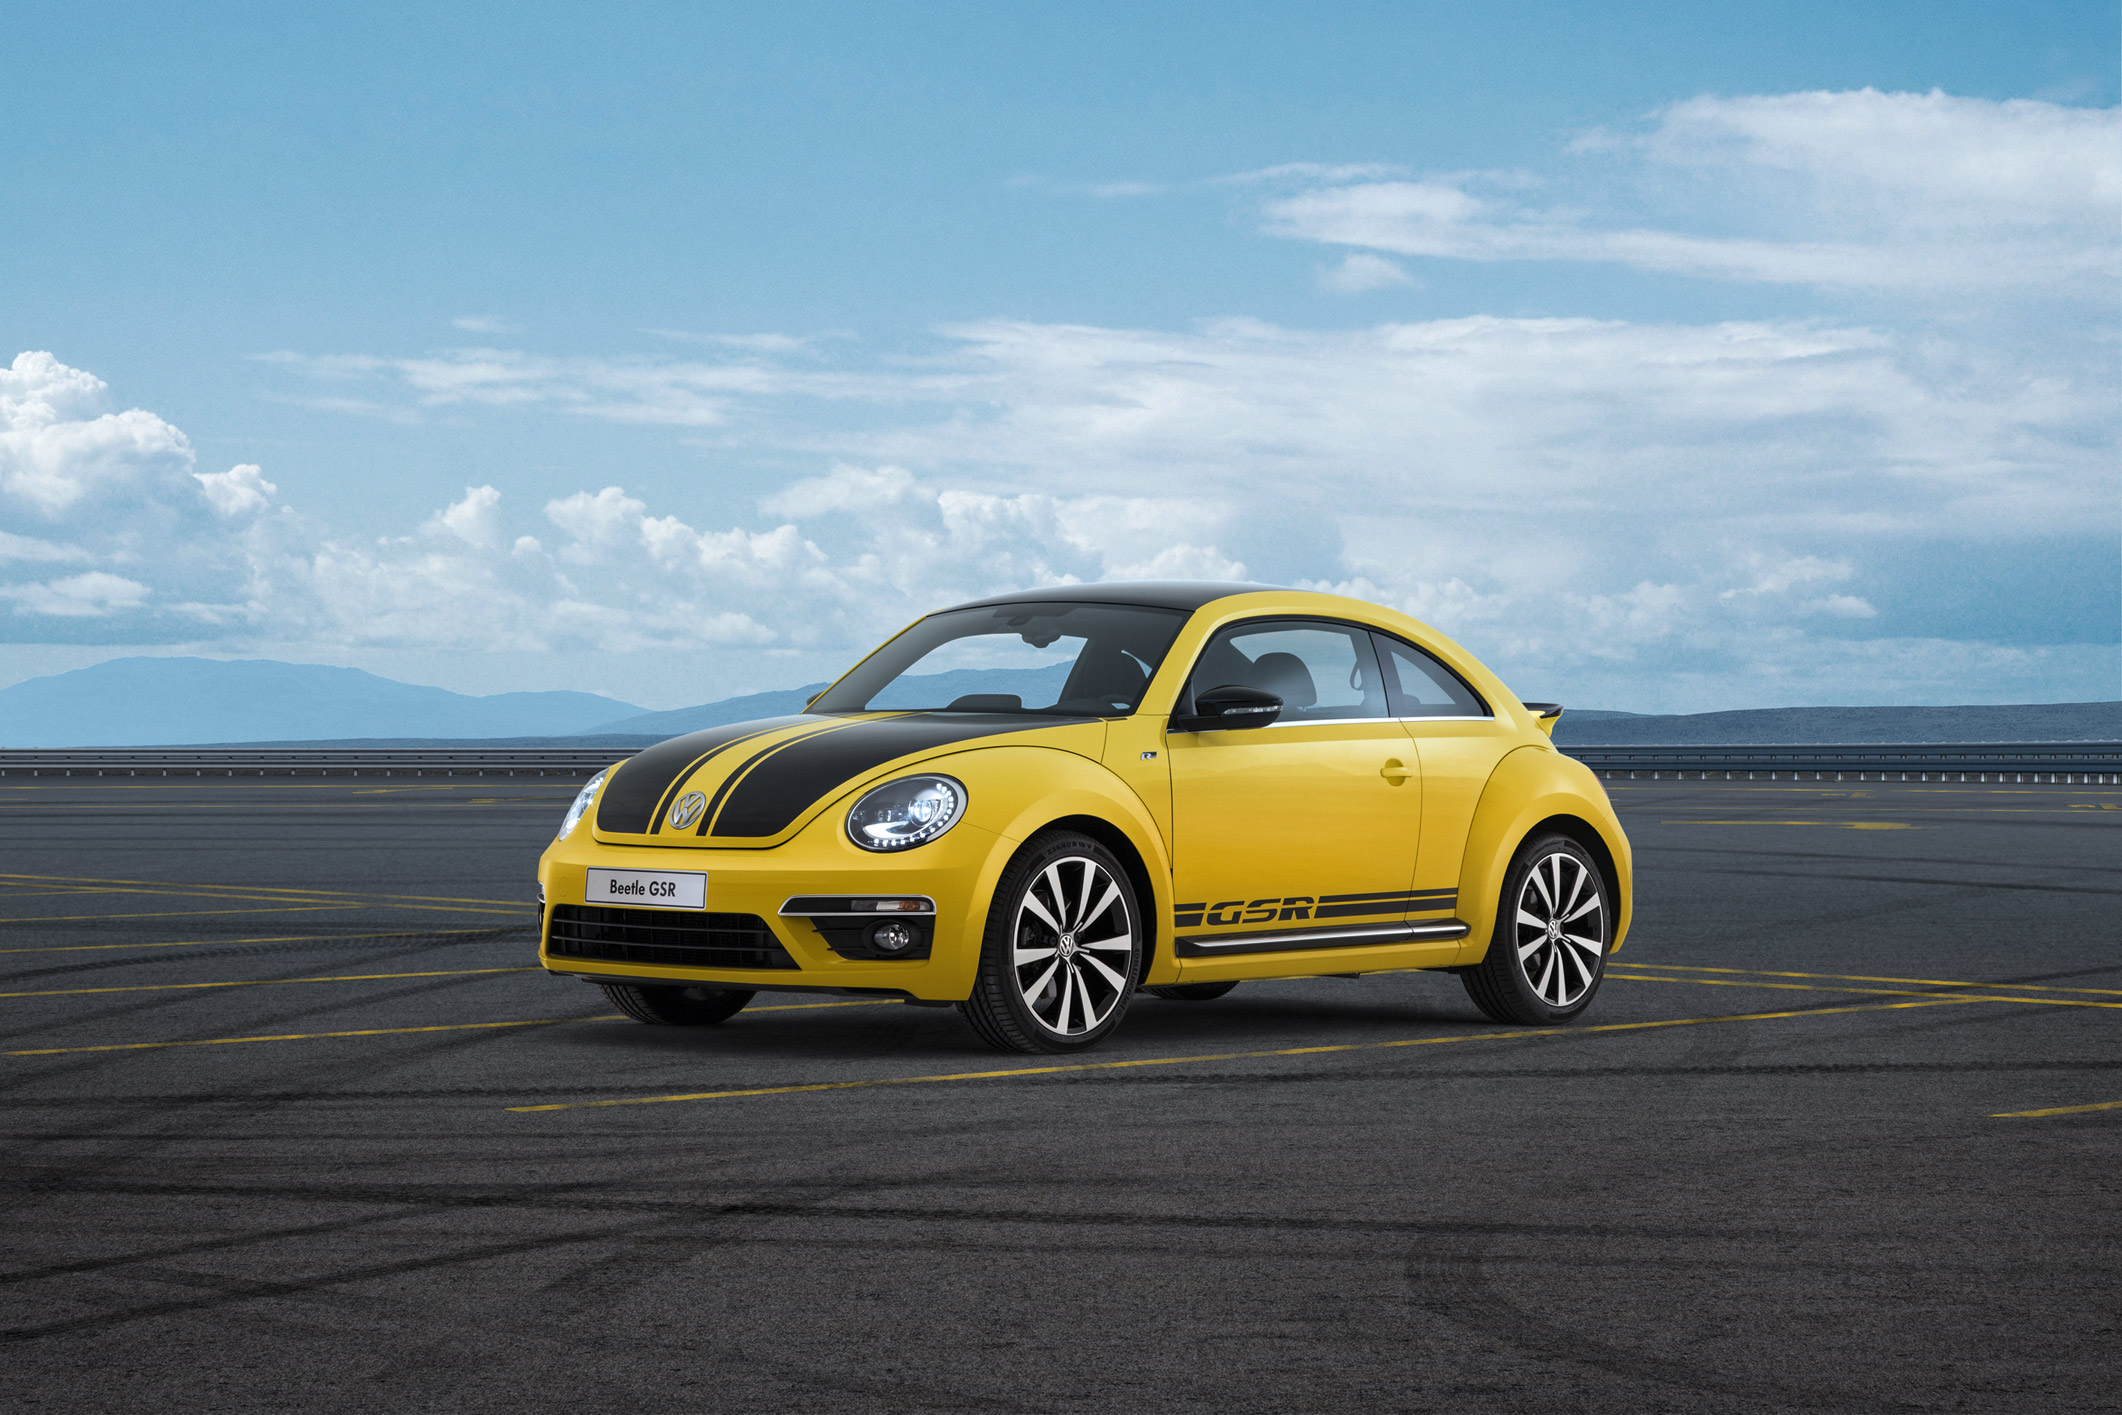 vw beetle gsr1 960x480